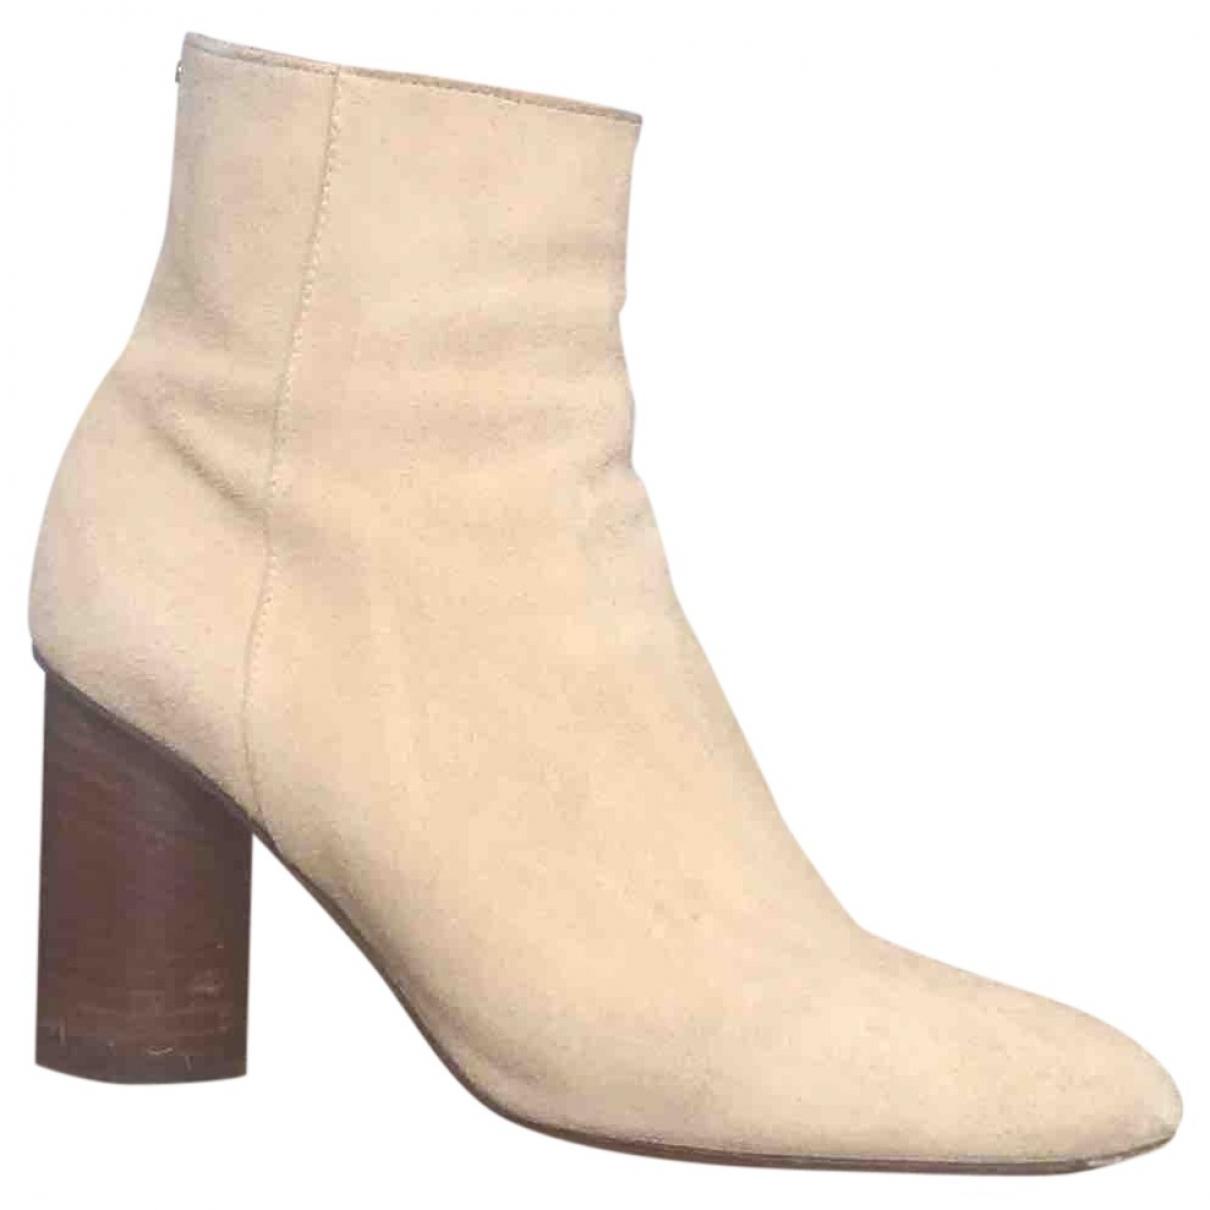 Jerome Dreyfuss \N Beige Suede Ankle boots for Women 38 EU